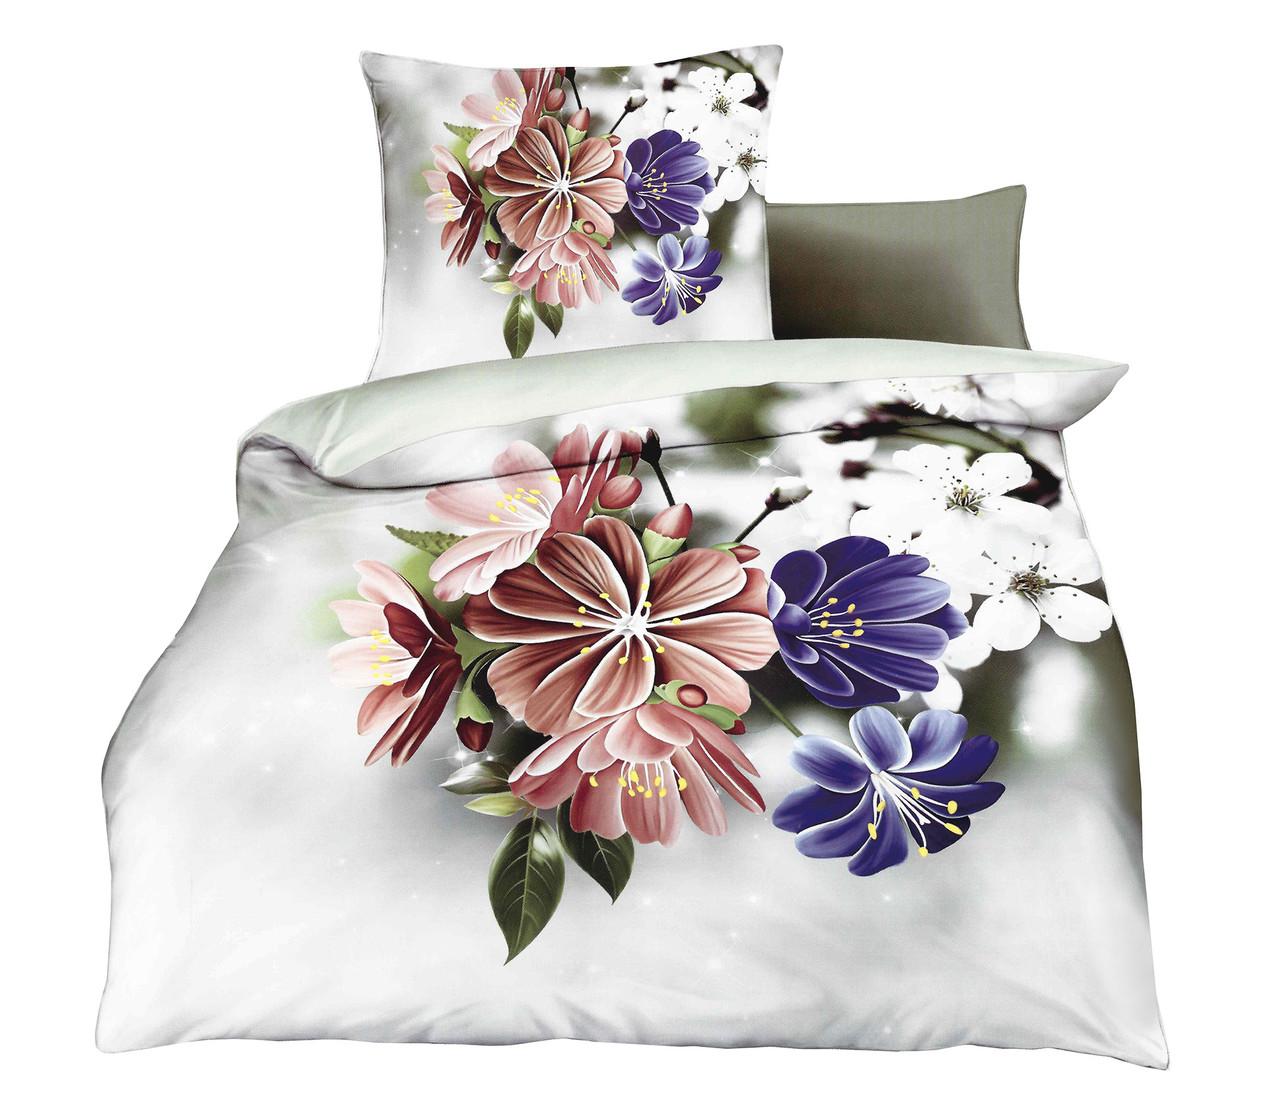 Комплект постельного белья Микроволокно HXDD-787 M&M 6246 Кремовый, Бежевый, Фиолетовый